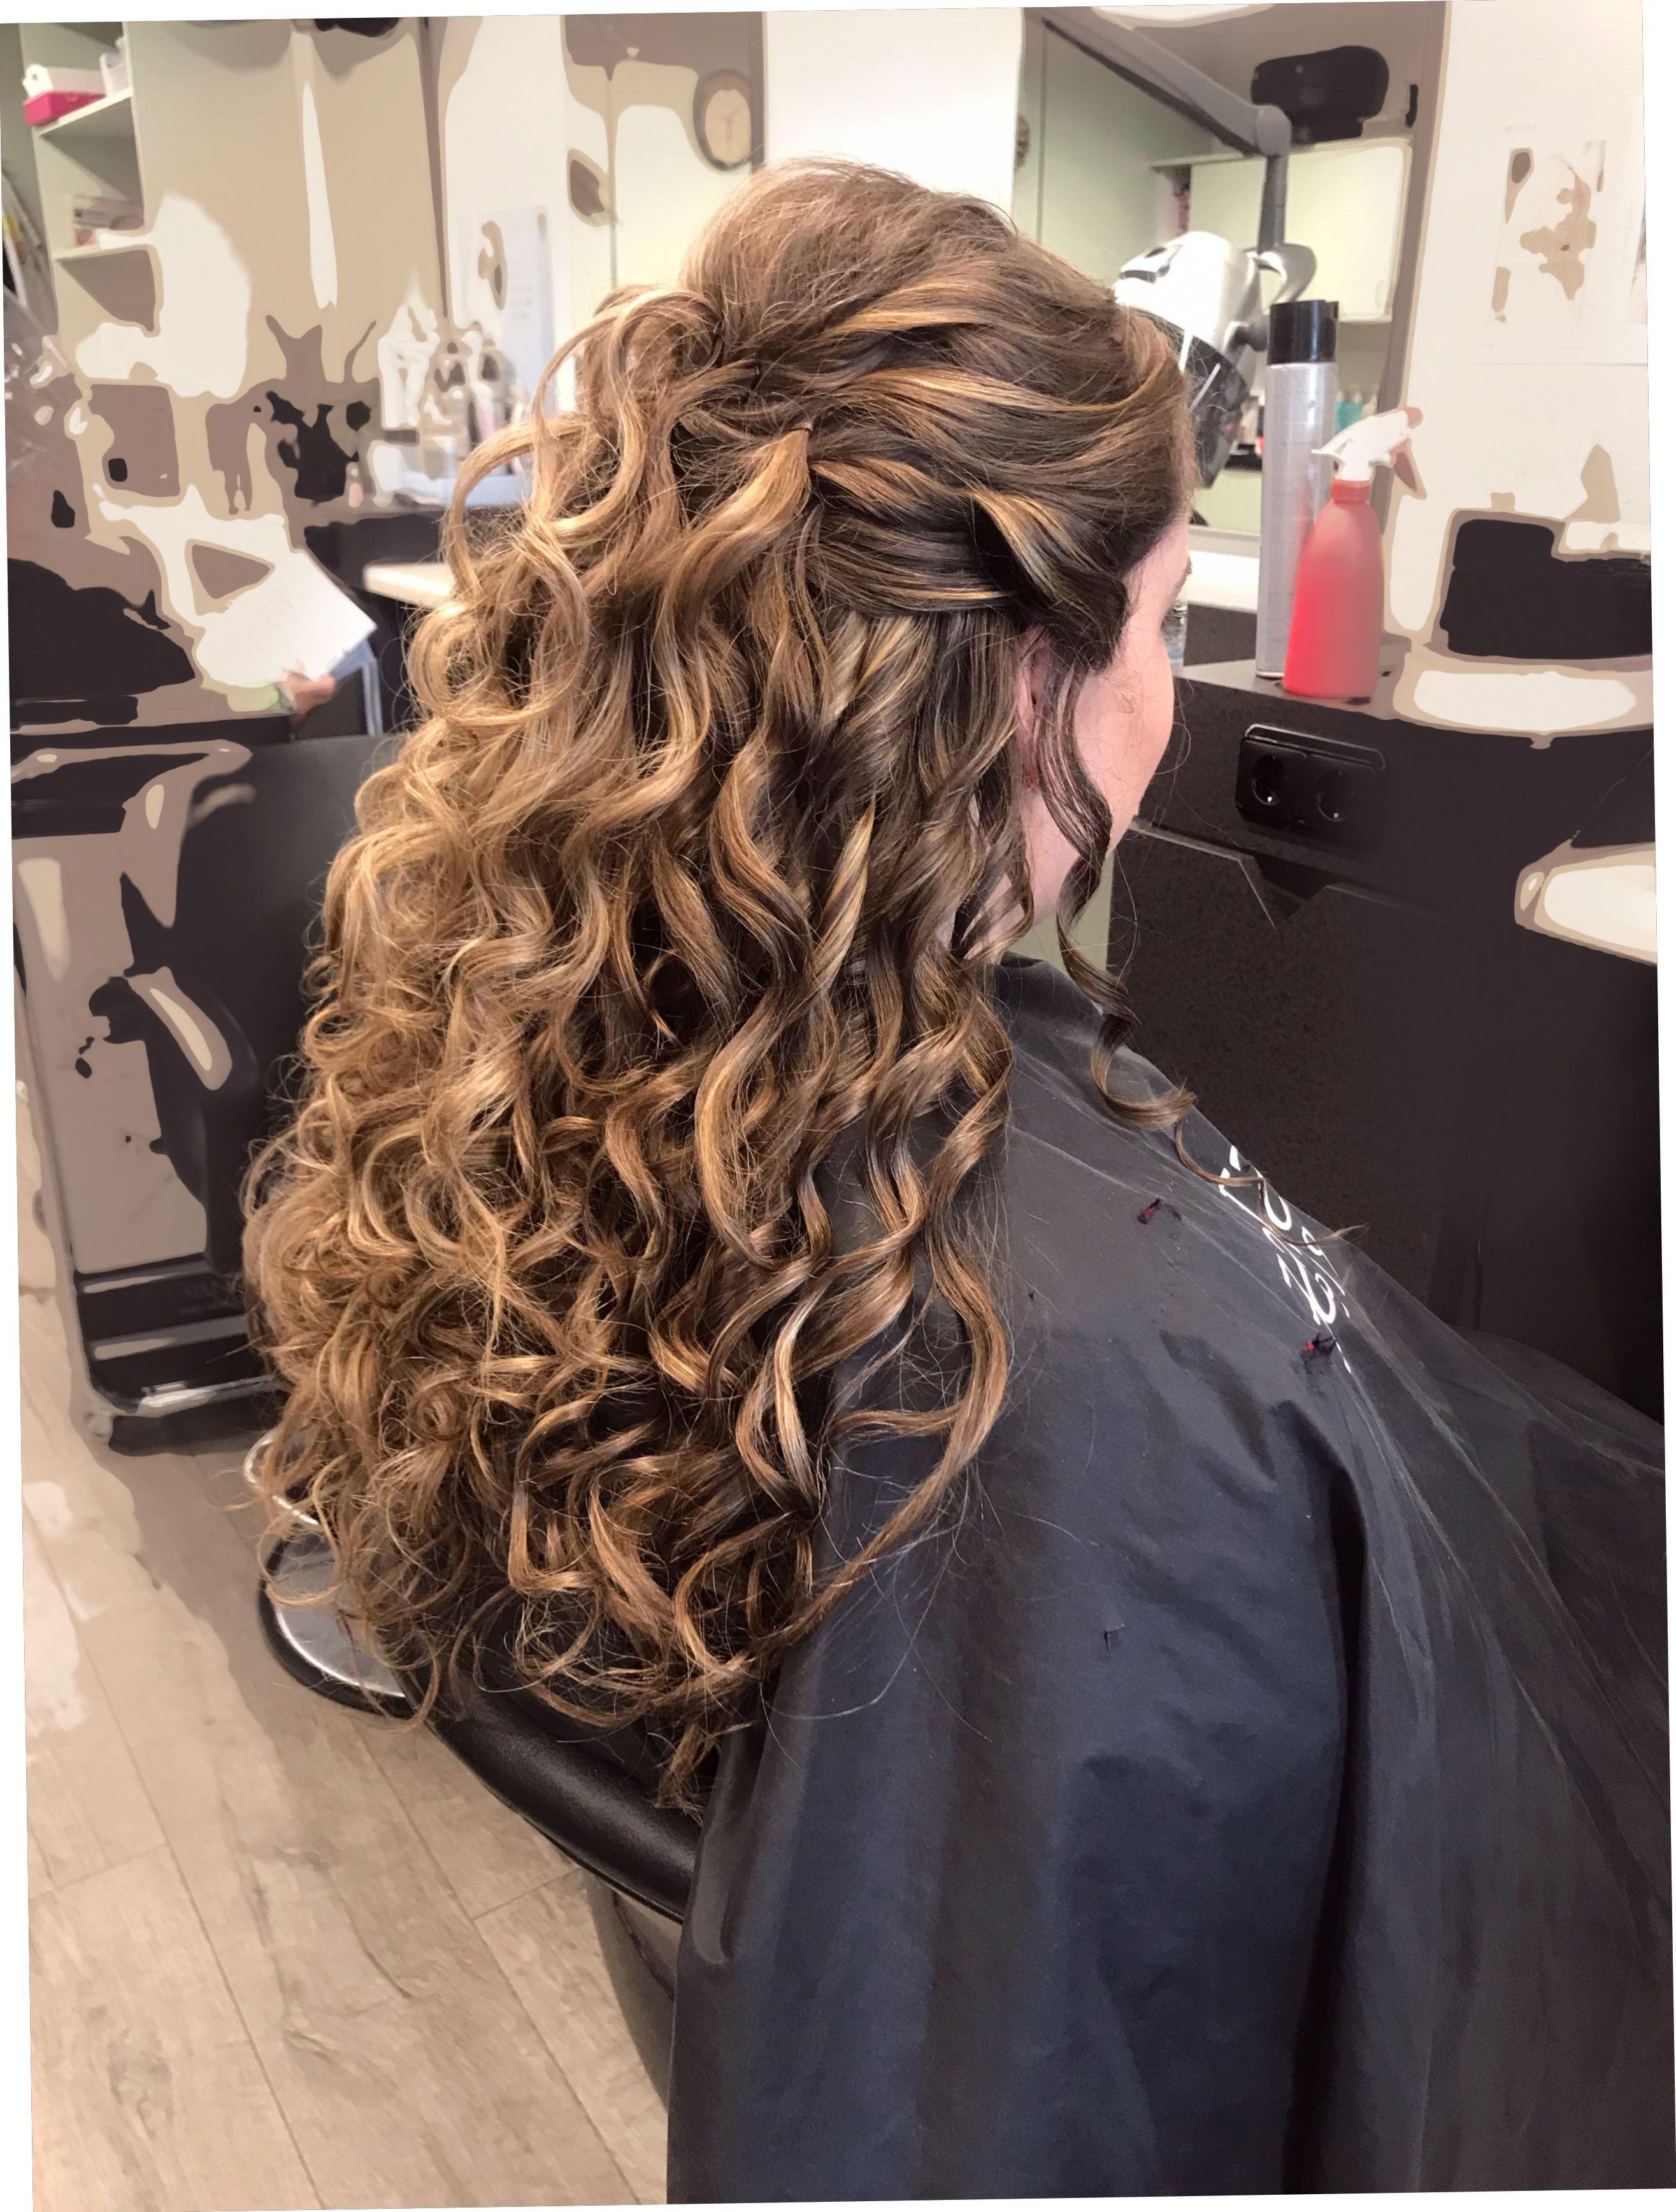 Beste Party Frisuren Langes Haar Locken Beste Frisuren Haar Langes Locken Party Party Hairstyles For Long Hair Long Hair Styles Hair Styles